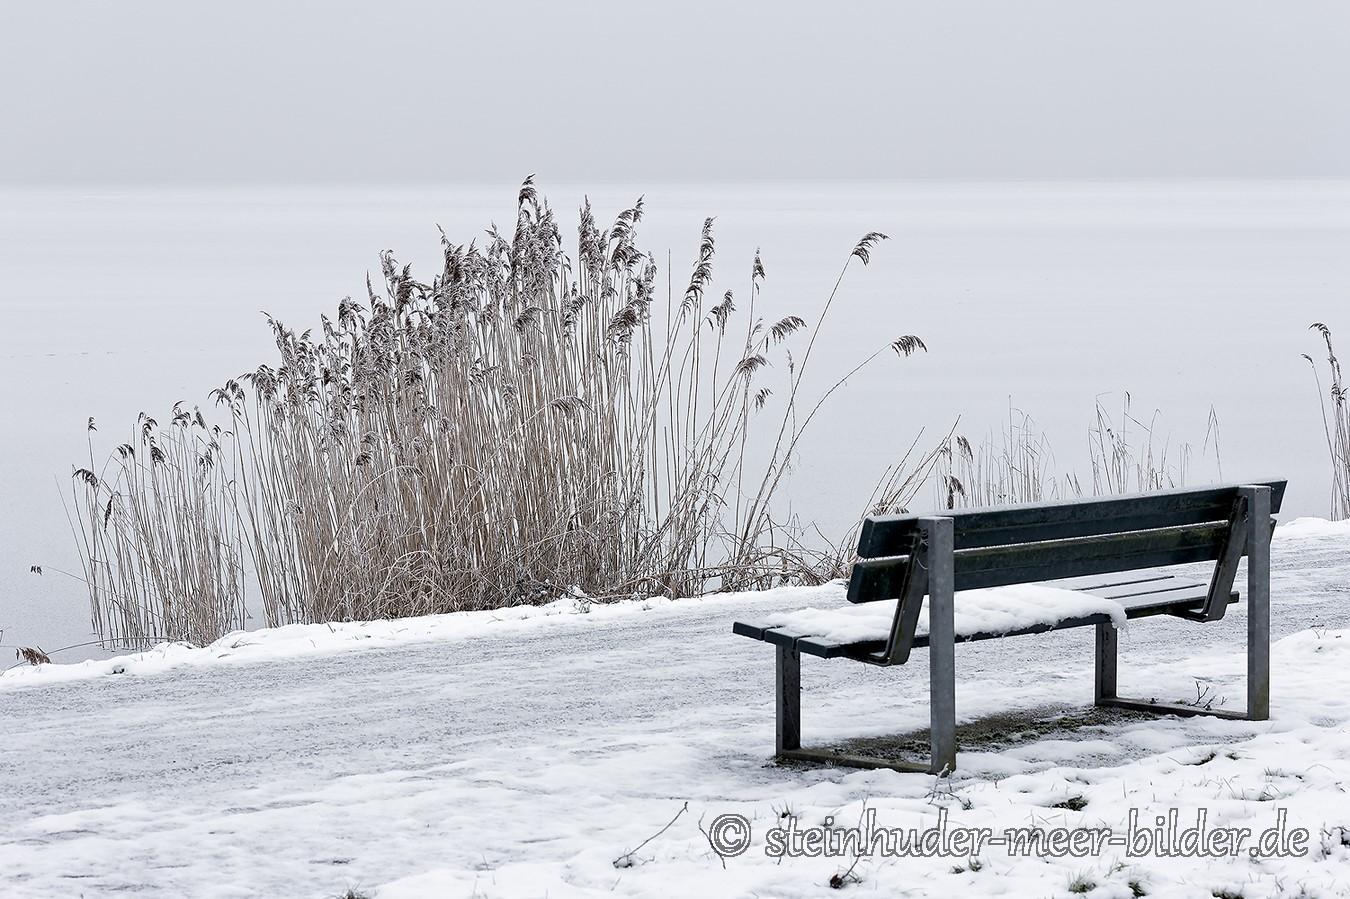 Bank-schilf-winter-steinhuder-meer-eisdecke-schnee-zugefroren-eisdeckedecke-naturpark-naturraum-region-B_SAM0471 Kopie